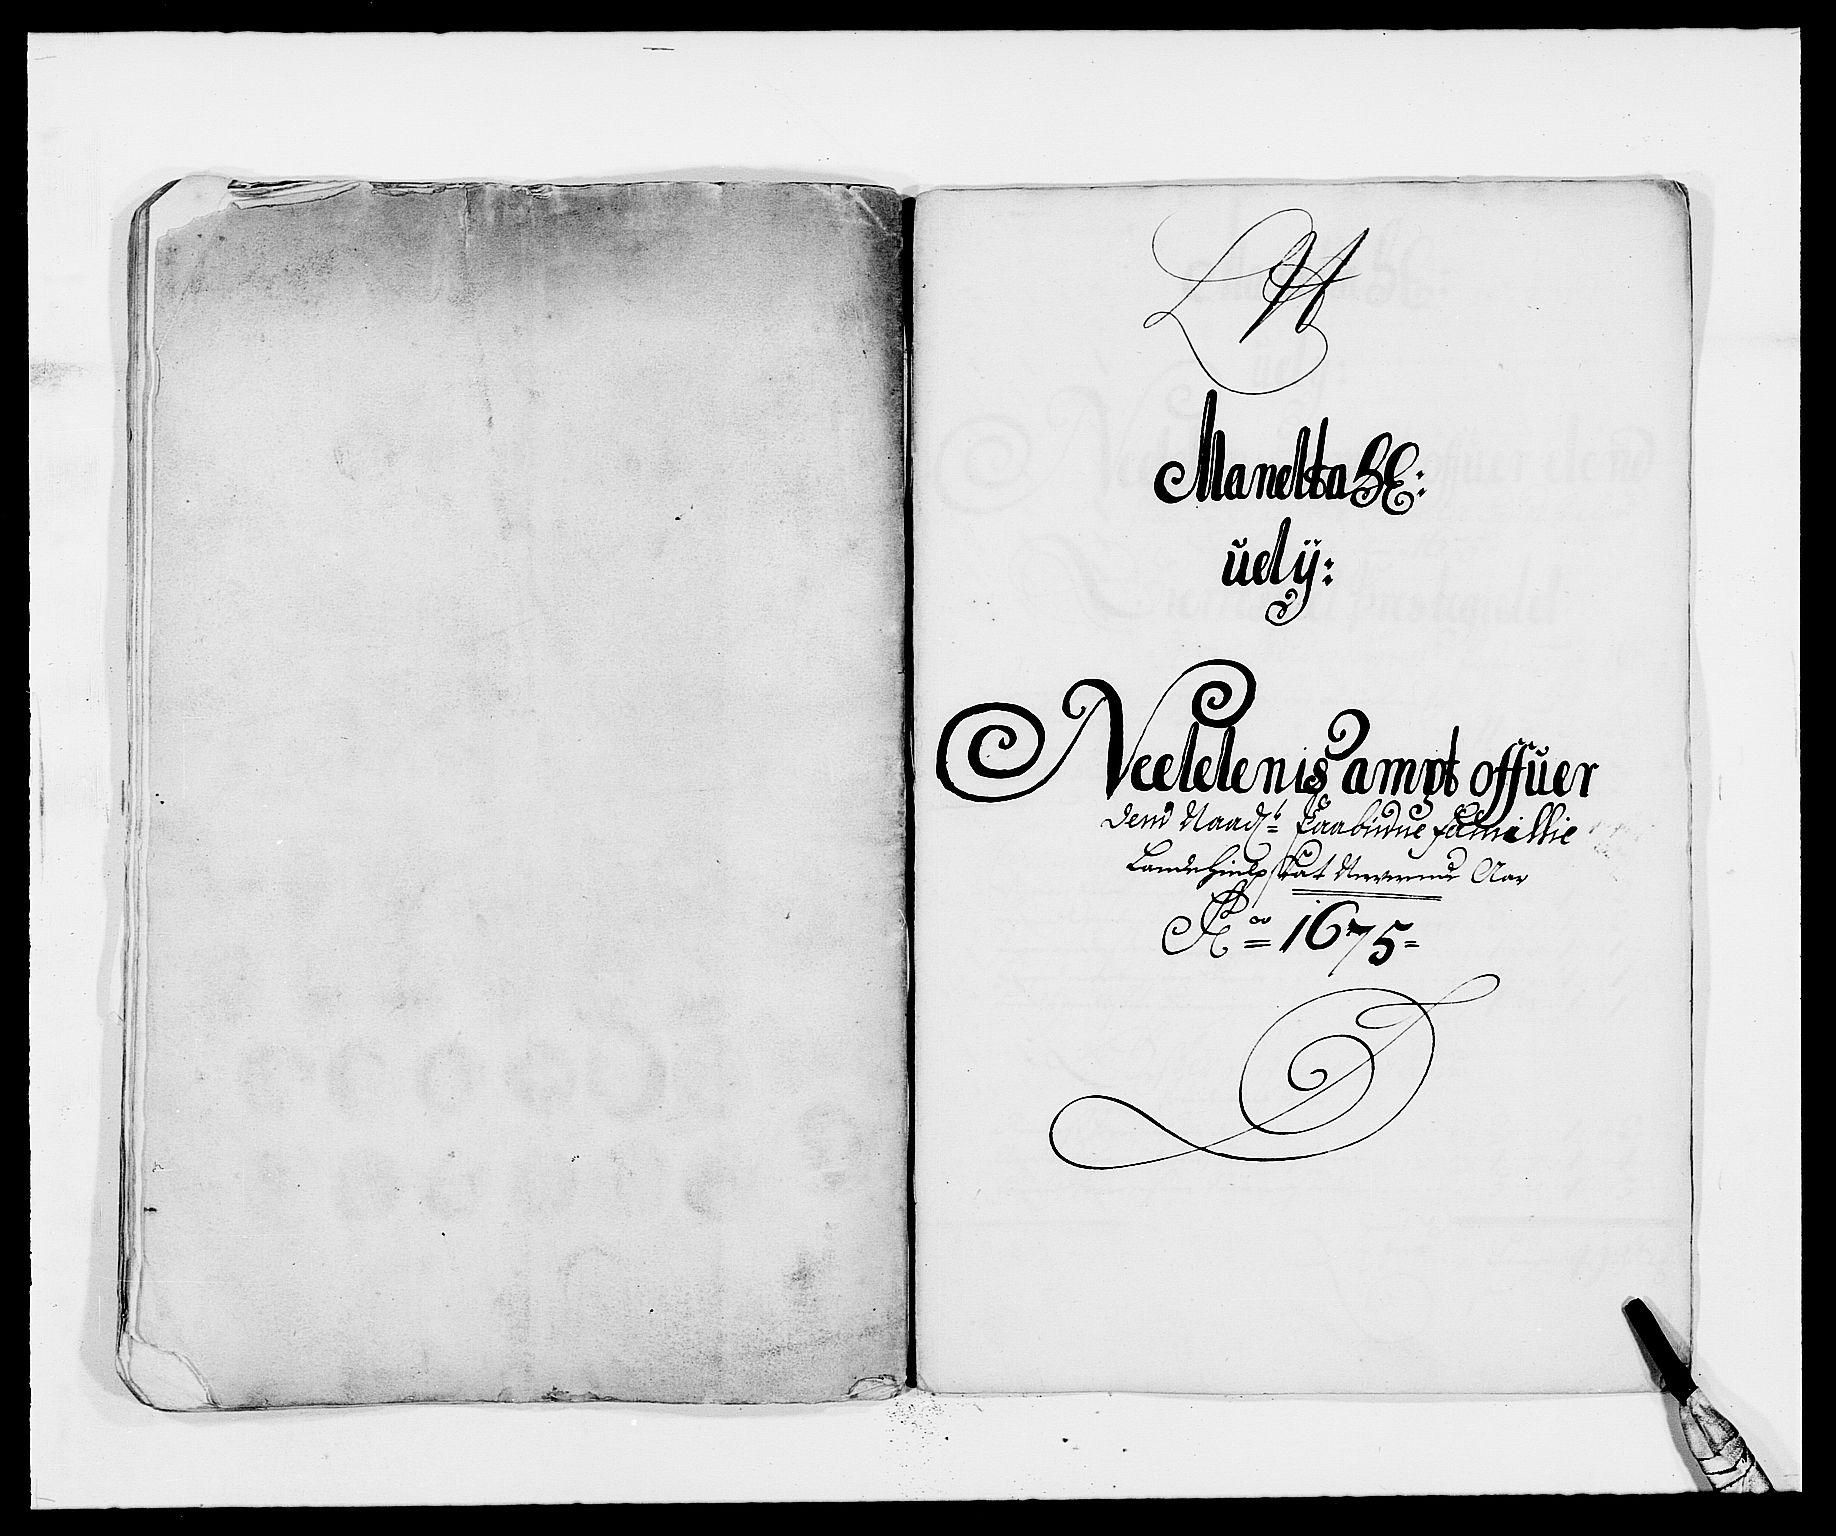 RA, Rentekammeret inntil 1814, Reviderte regnskaper, Fogderegnskap, R39/L2301: Fogderegnskap Nedenes, 1675-1676, s. 155